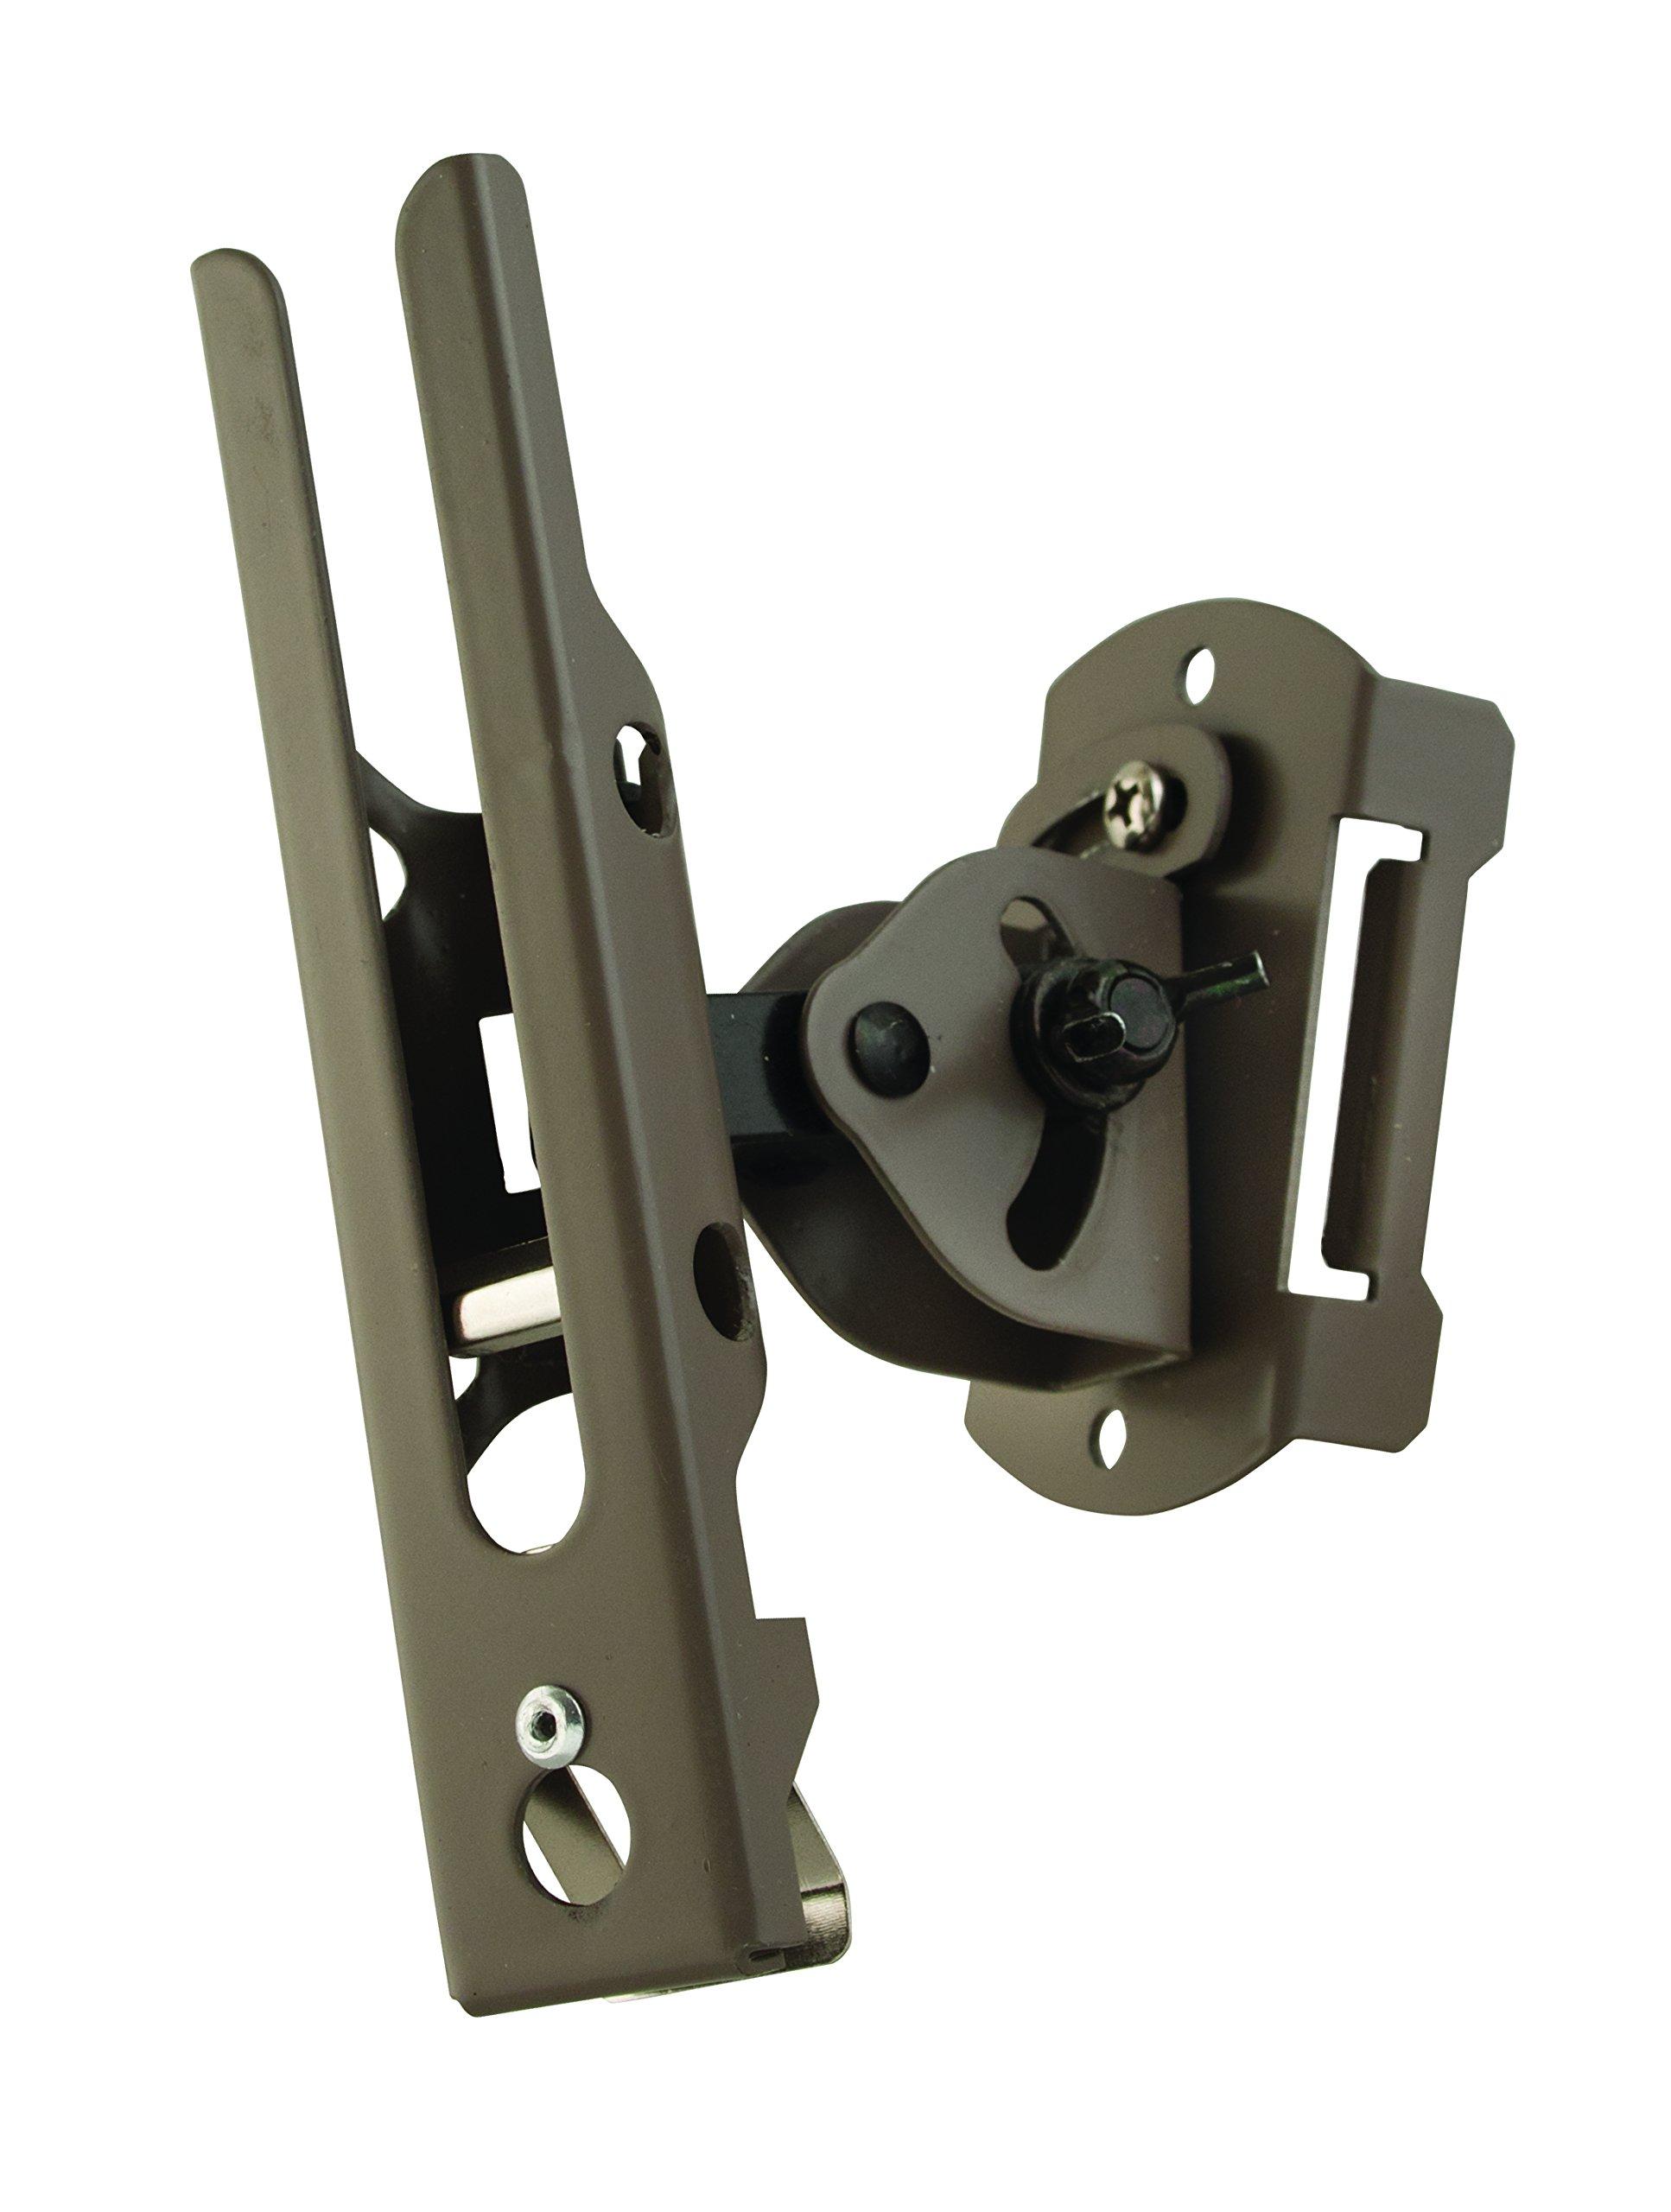 Cuddeback Genius Pan Tilt Lock Mount includes Universal Adapter and Mounting Screws by Cuddeback